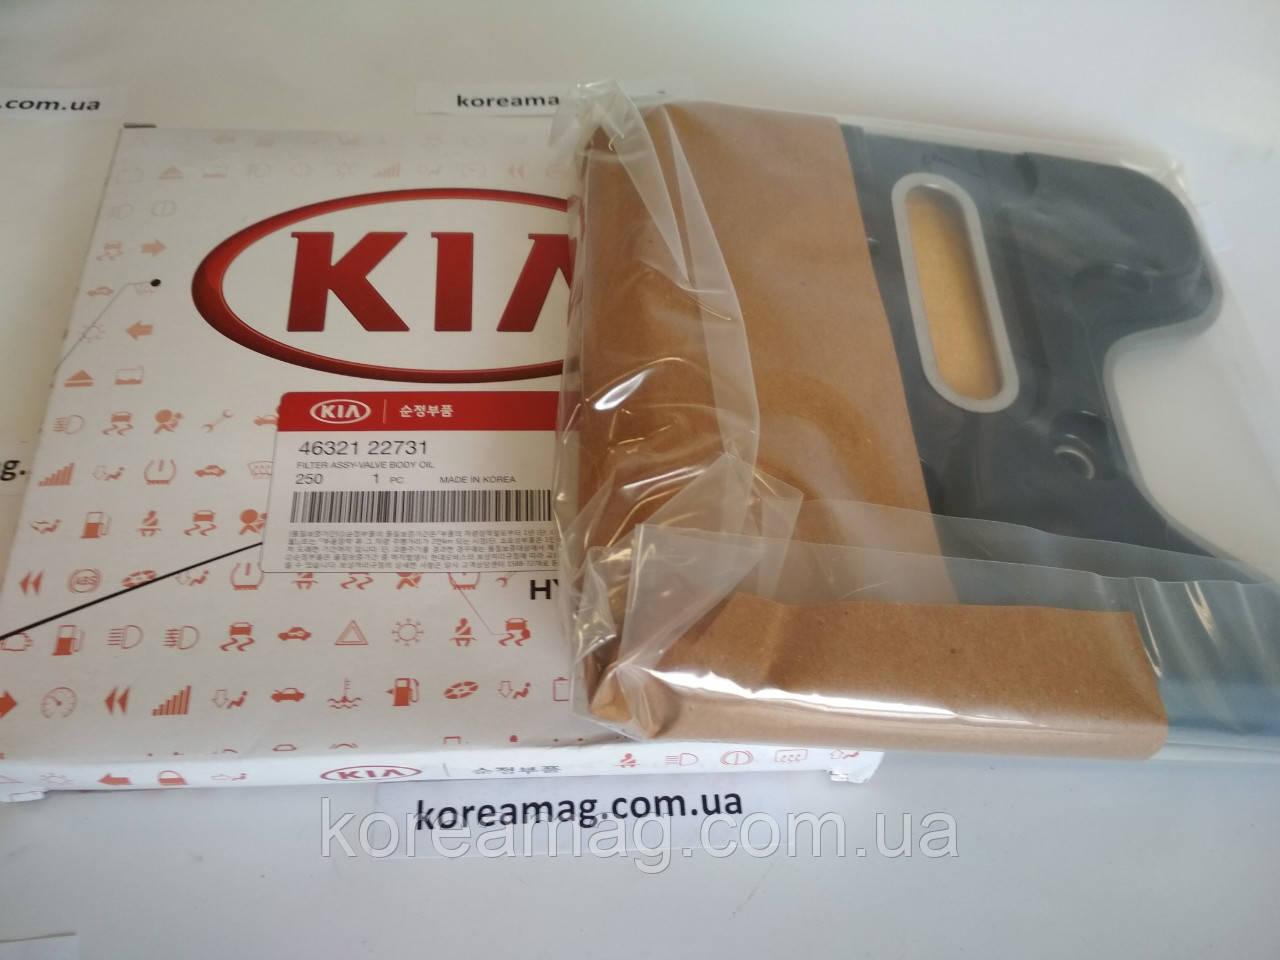 Фильтр АКПП Kia Rio 2005-2010